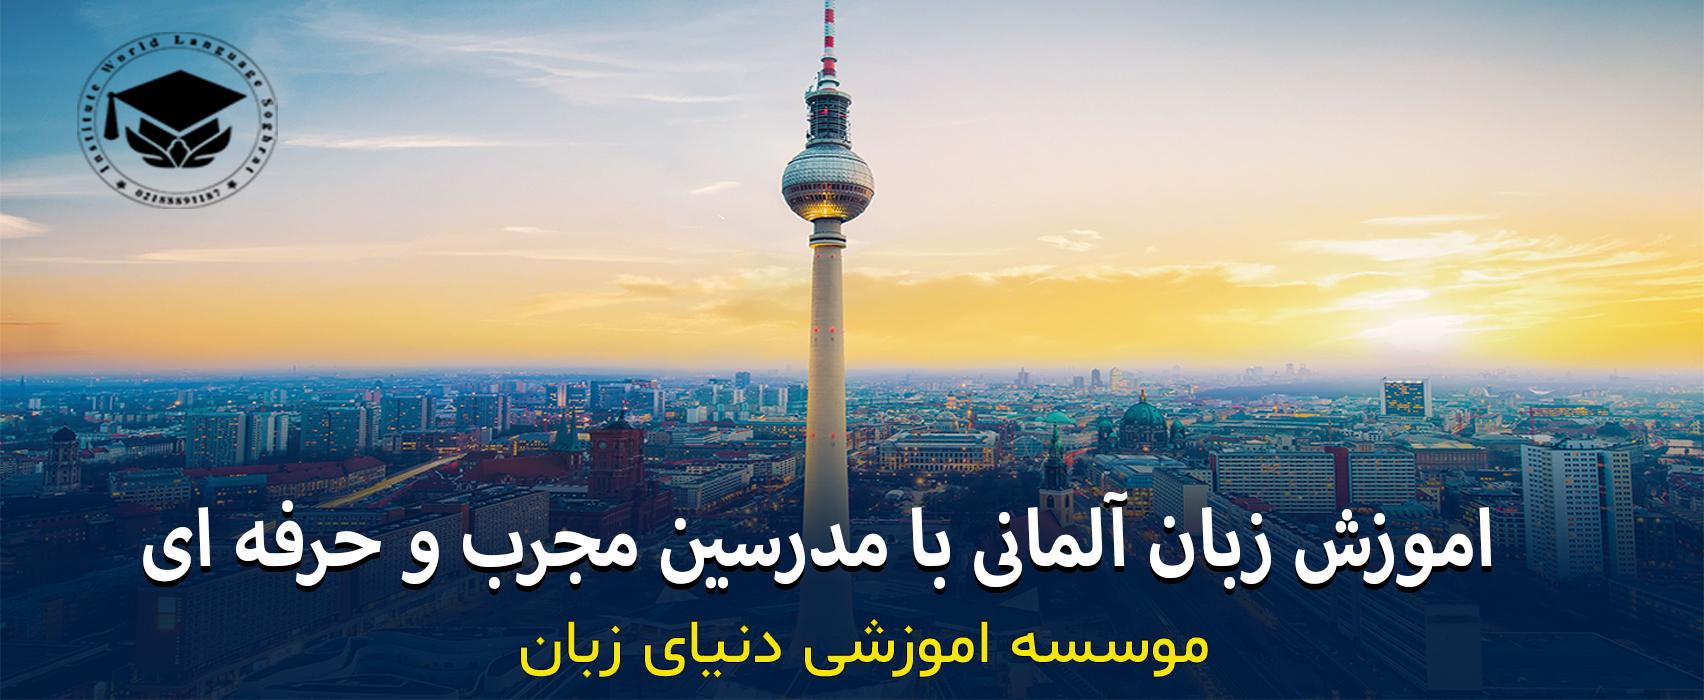 تدریس خصوصی زبان آلمانی در ولنجک یا زعفرانیه